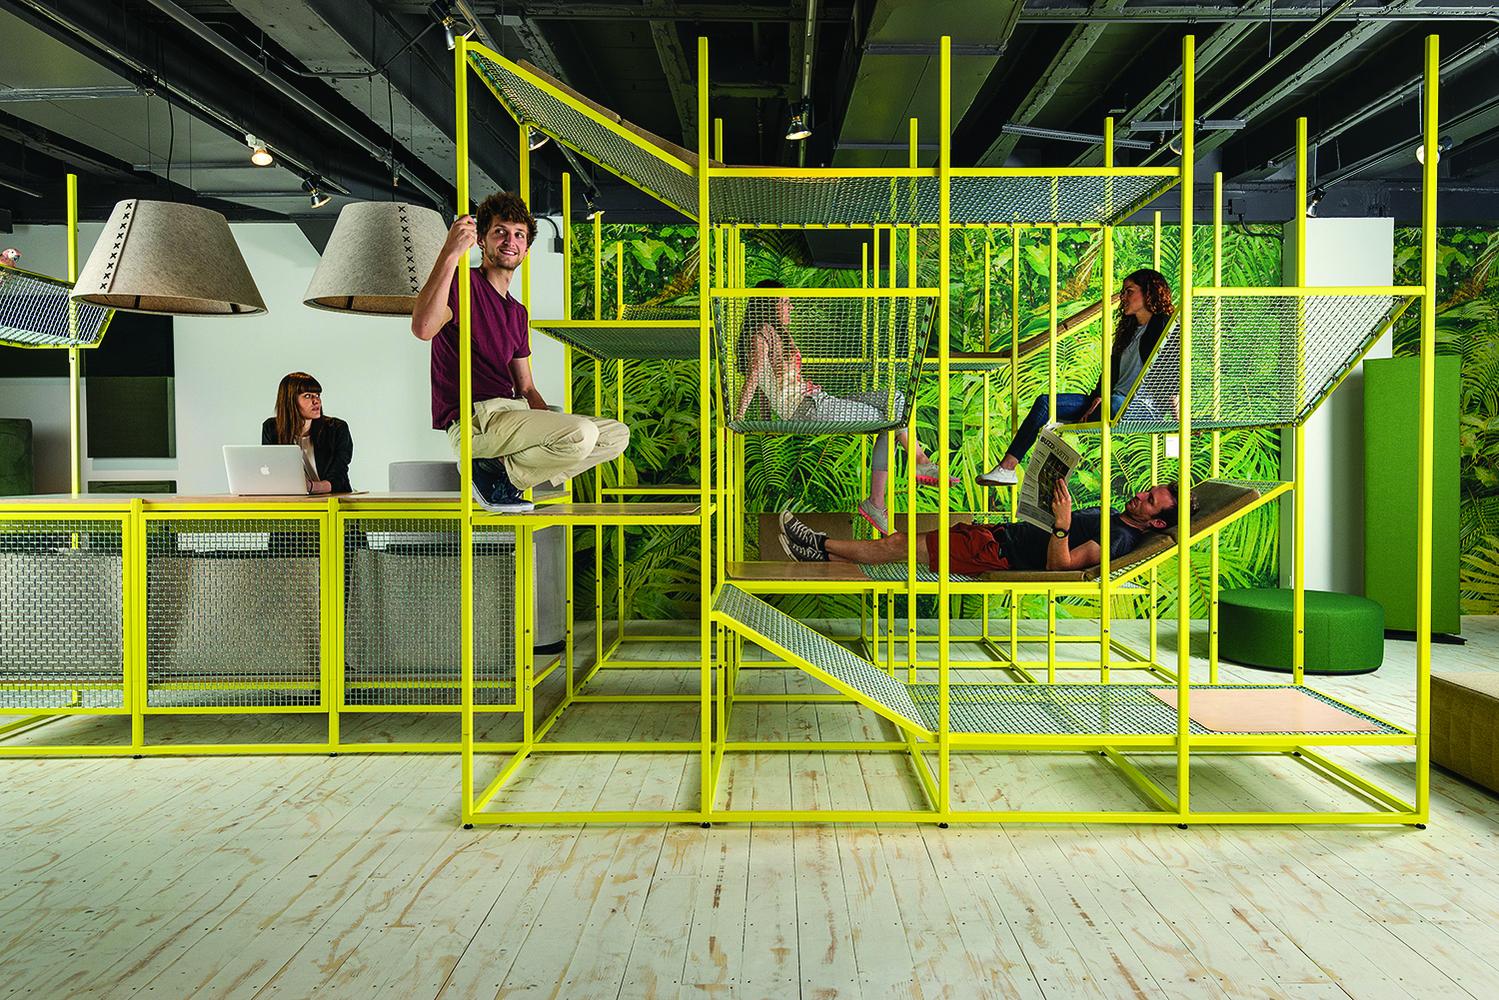 BuzziJungle พื้นที่สร้างสรรค์สร้างปฎิสัมพันธ์ด้วยการปีน นั่ง นอน พูดคุยในหลากอิริยาบท